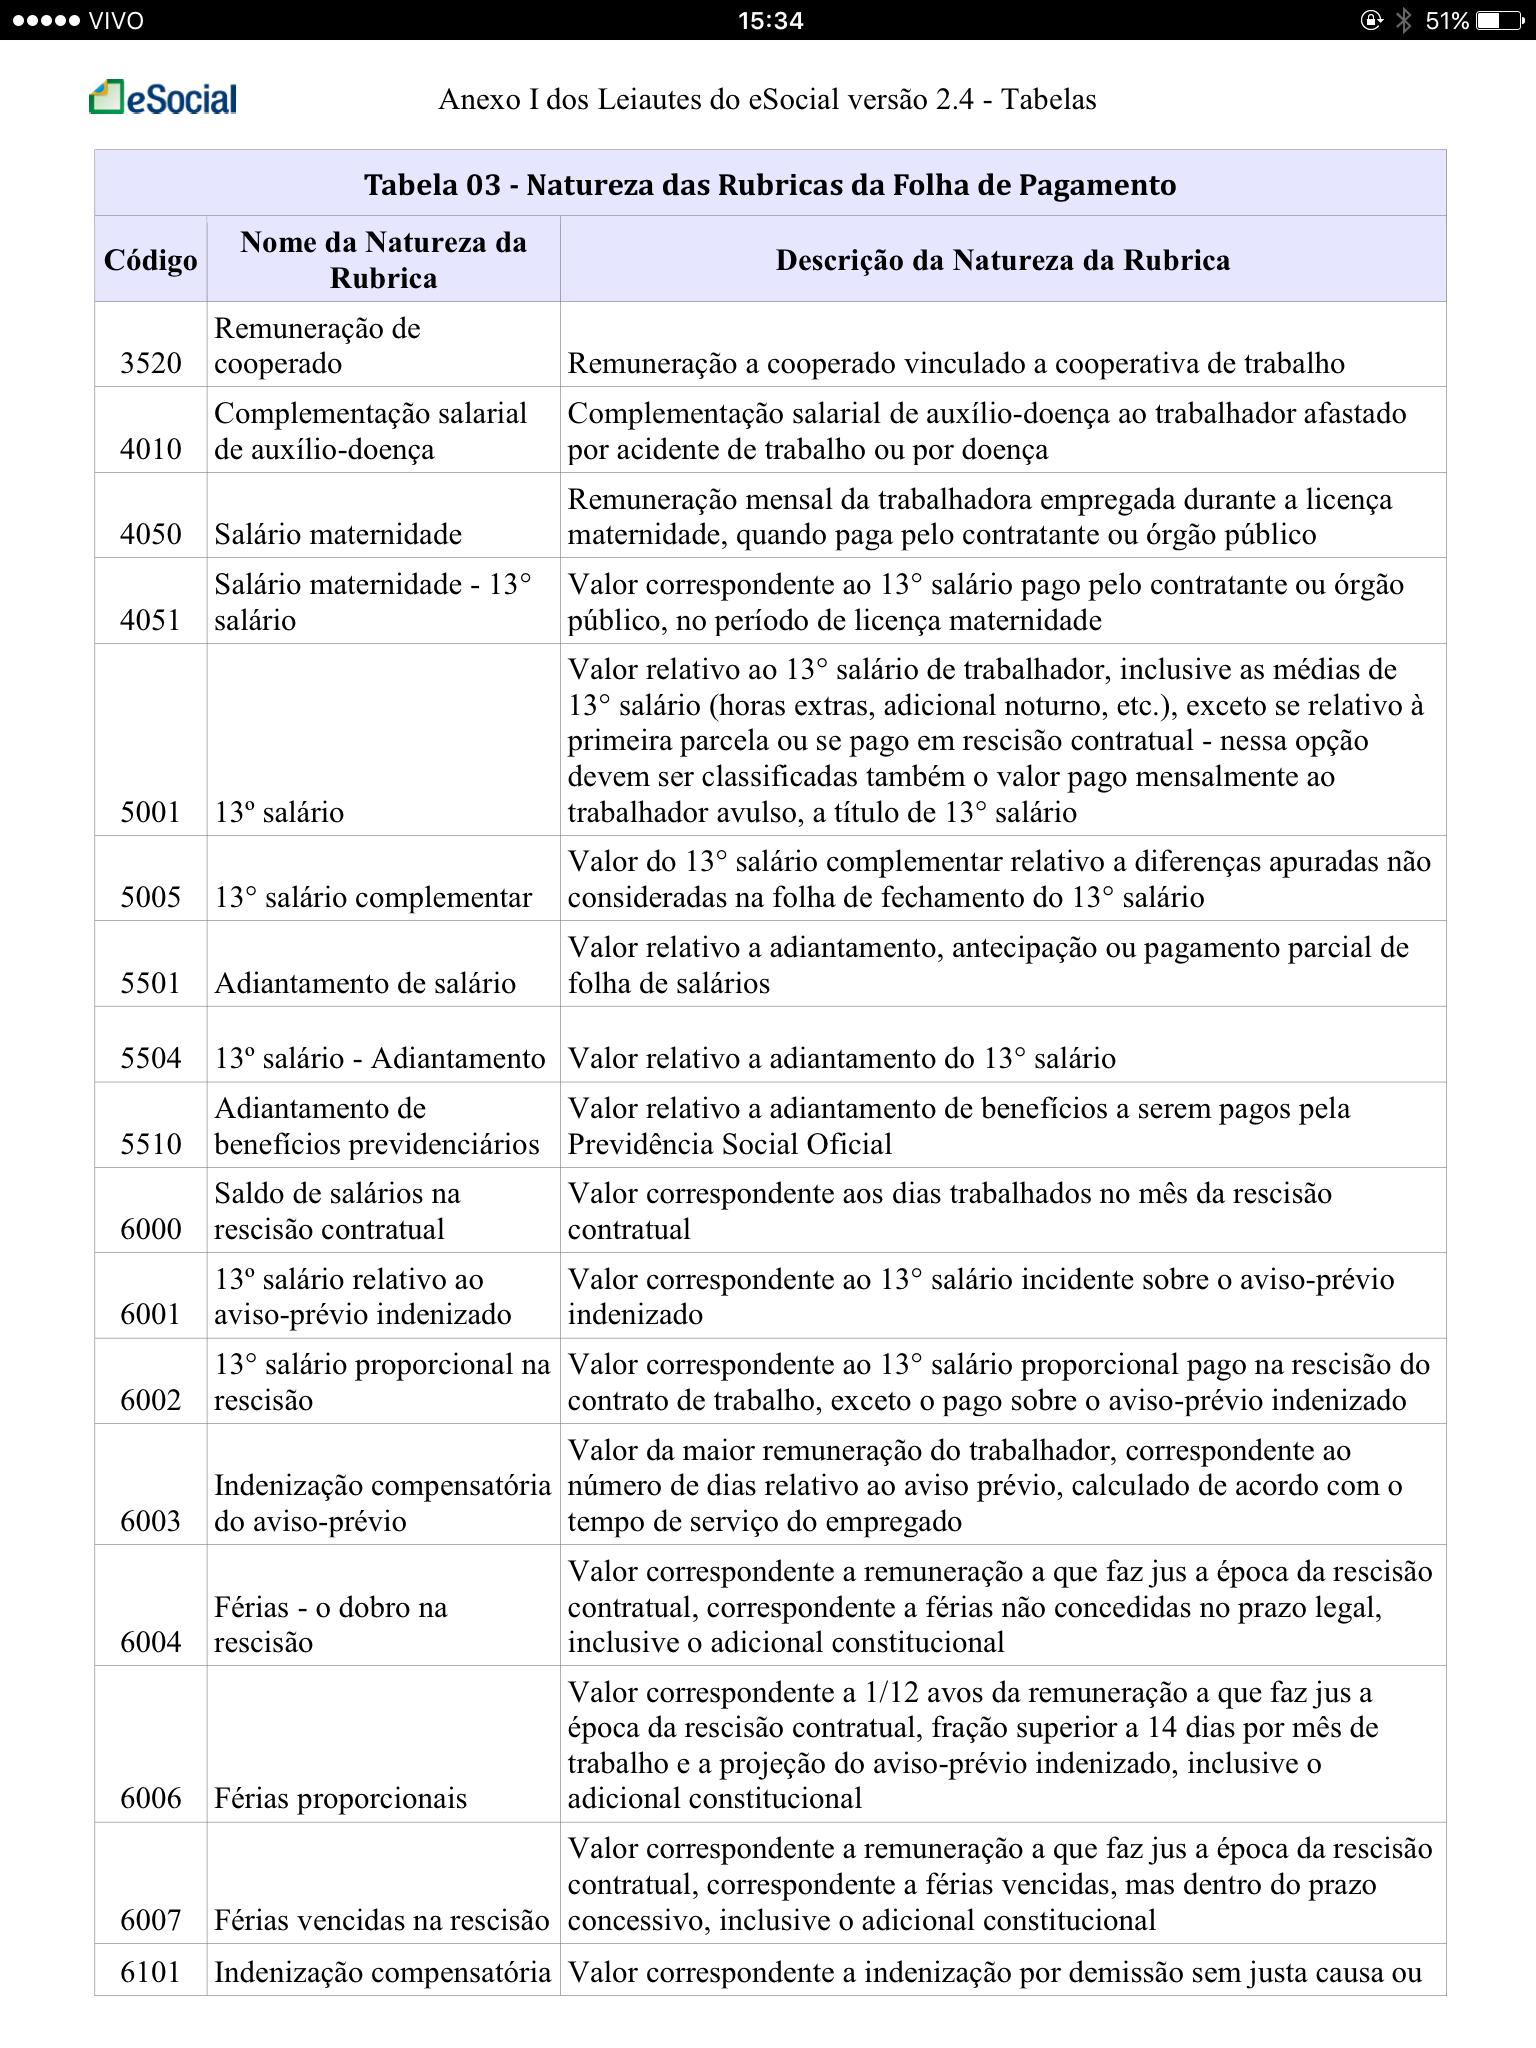 Tabela 3 Natureza das Rubricas da Folha de Pagamento 6